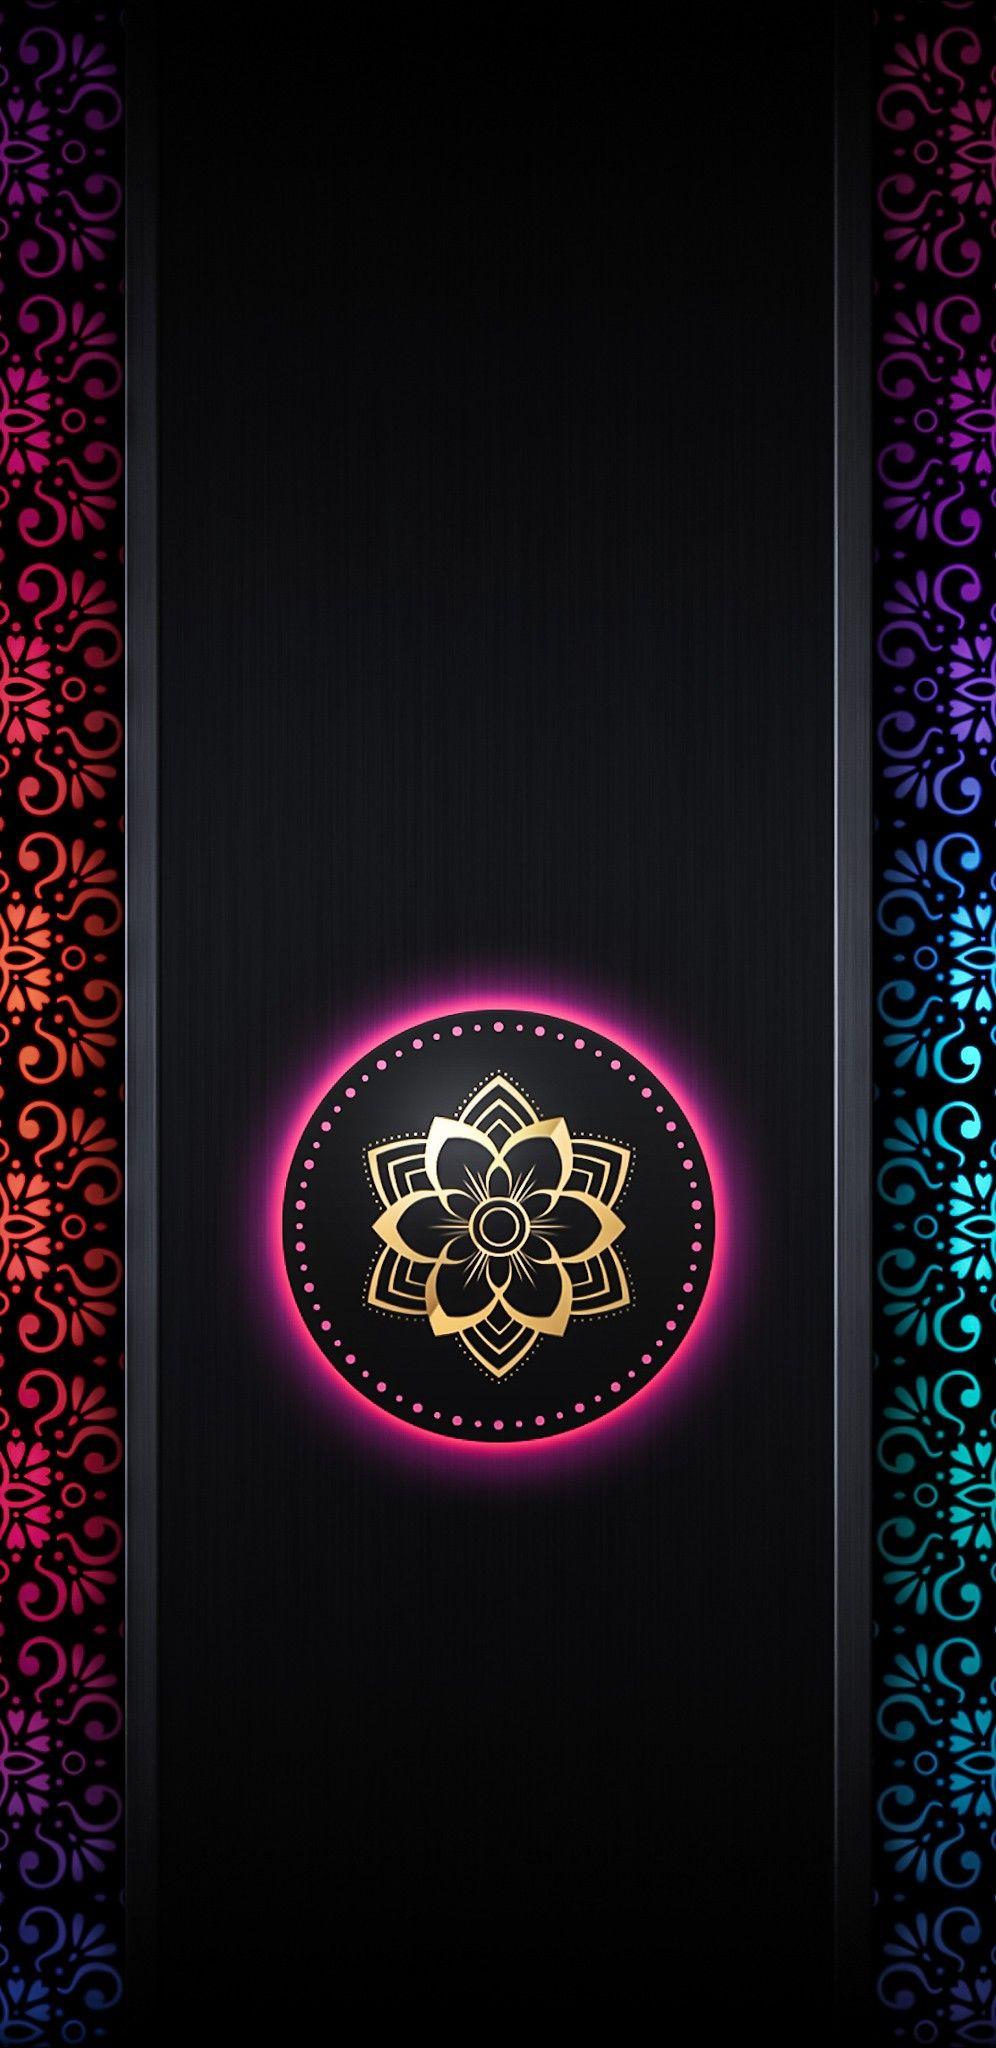 Wallpaper lockscreen Iphone android Tapety, Tła, Zdjęcia